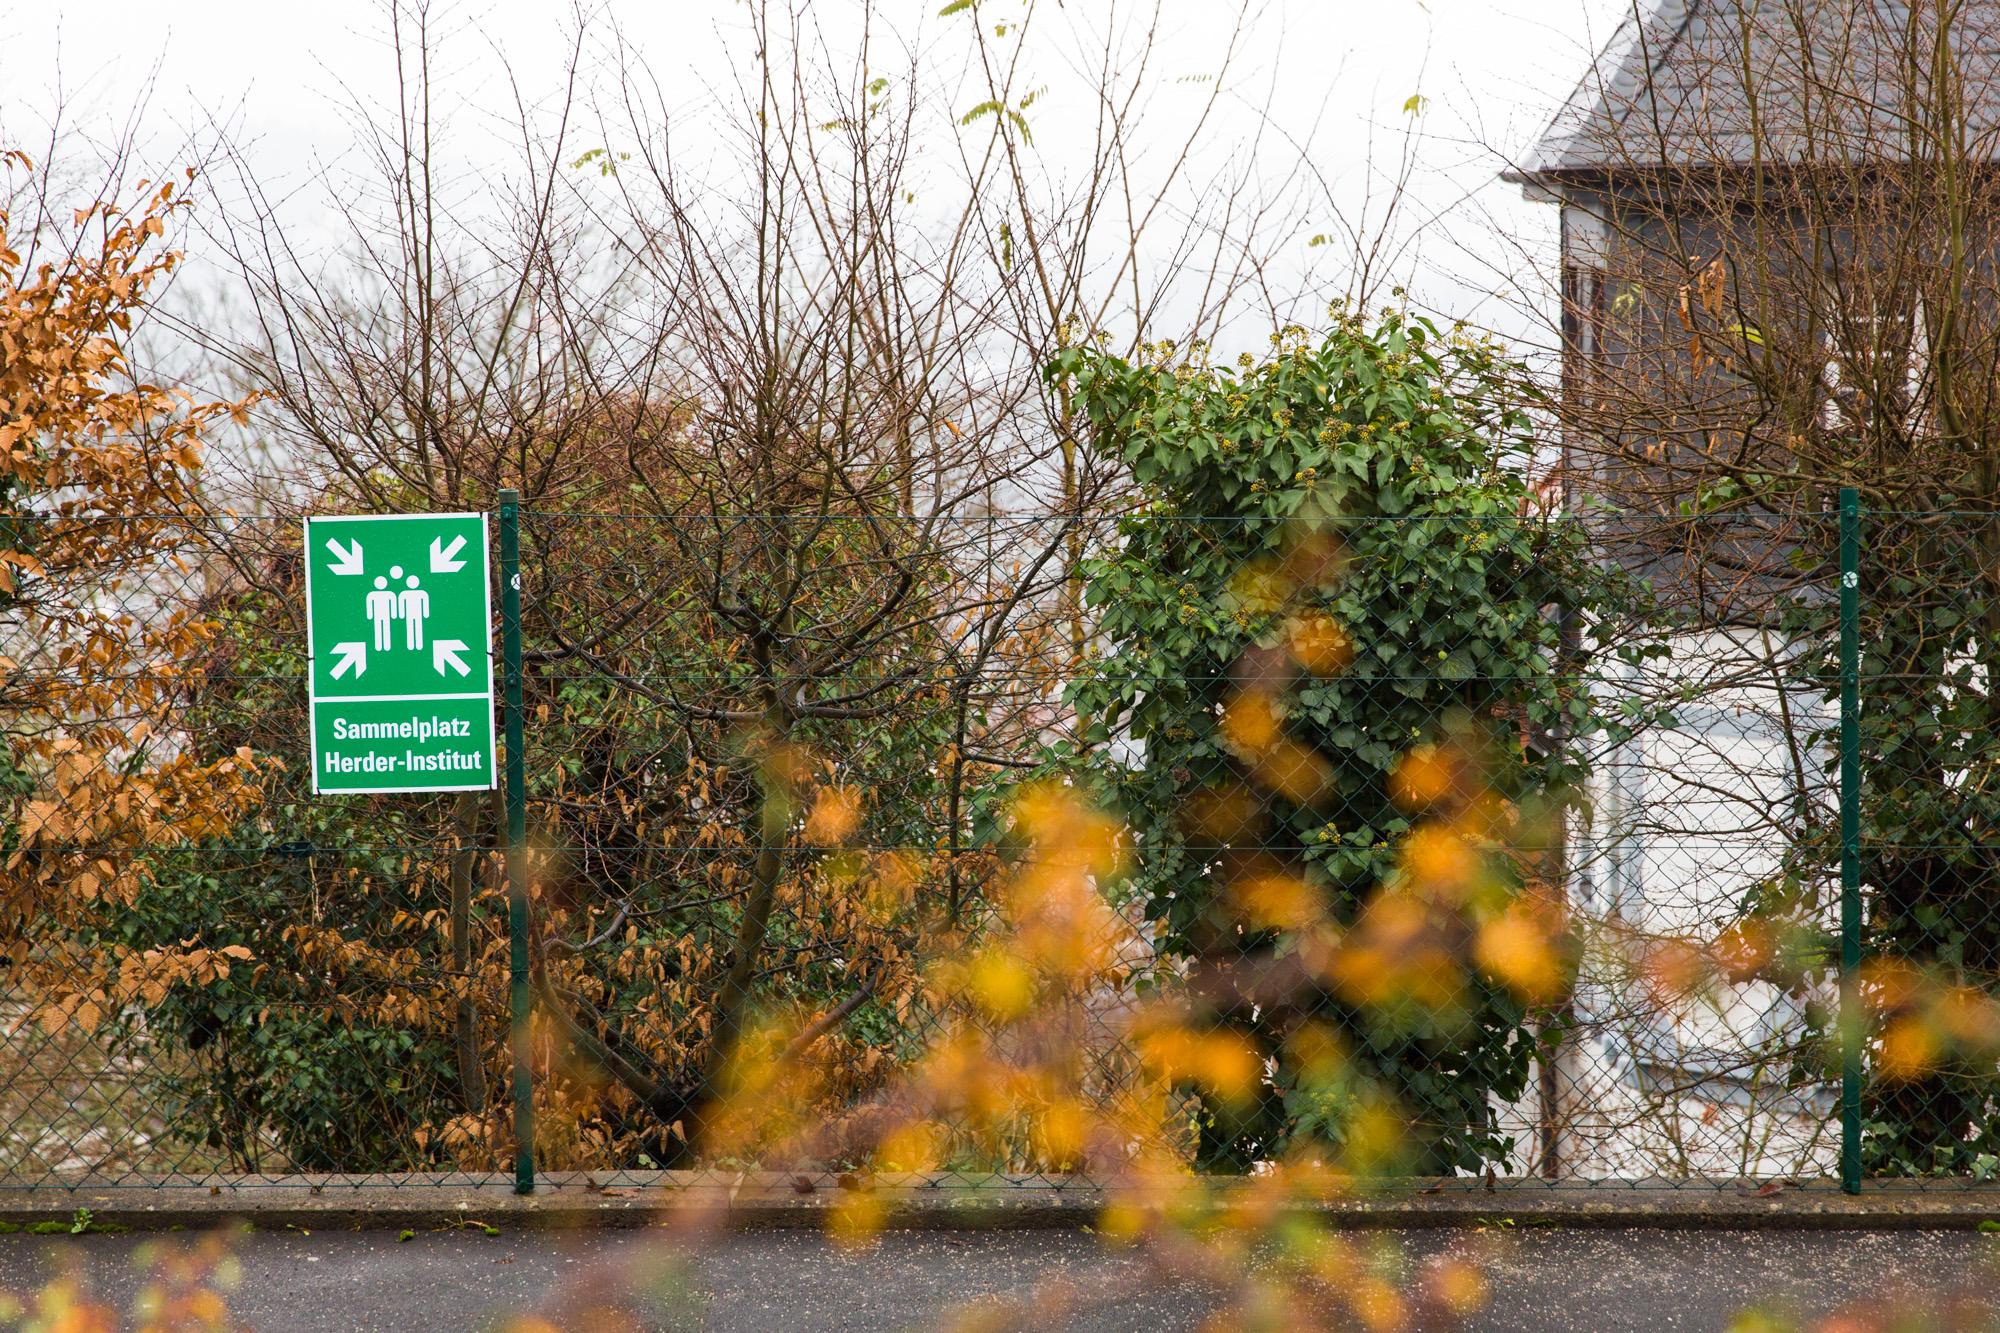 Sammelplatz des Herder-Instituts am Gisonenweg